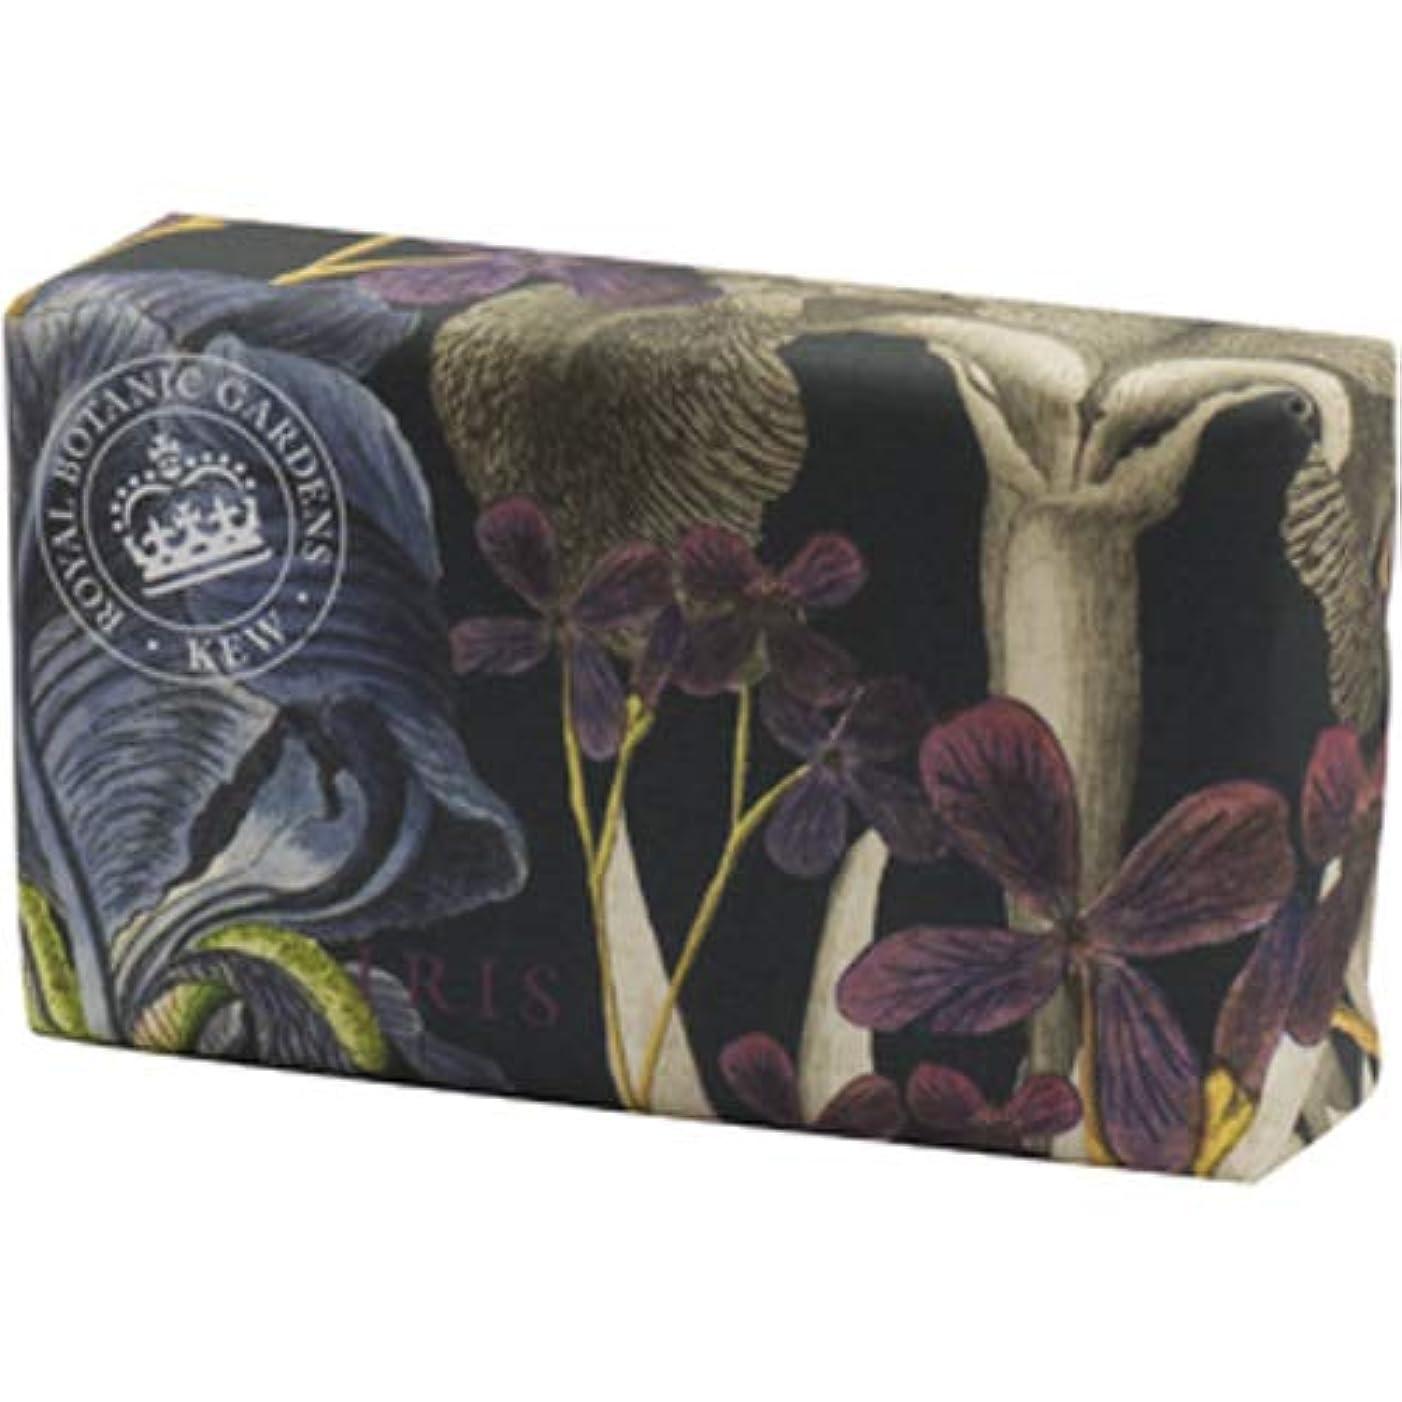 English Soap Company イングリッシュソープカンパニー KEW GARDEN キュー?ガーデン Luxury Shea Soaps シアソープ Iris アイリス